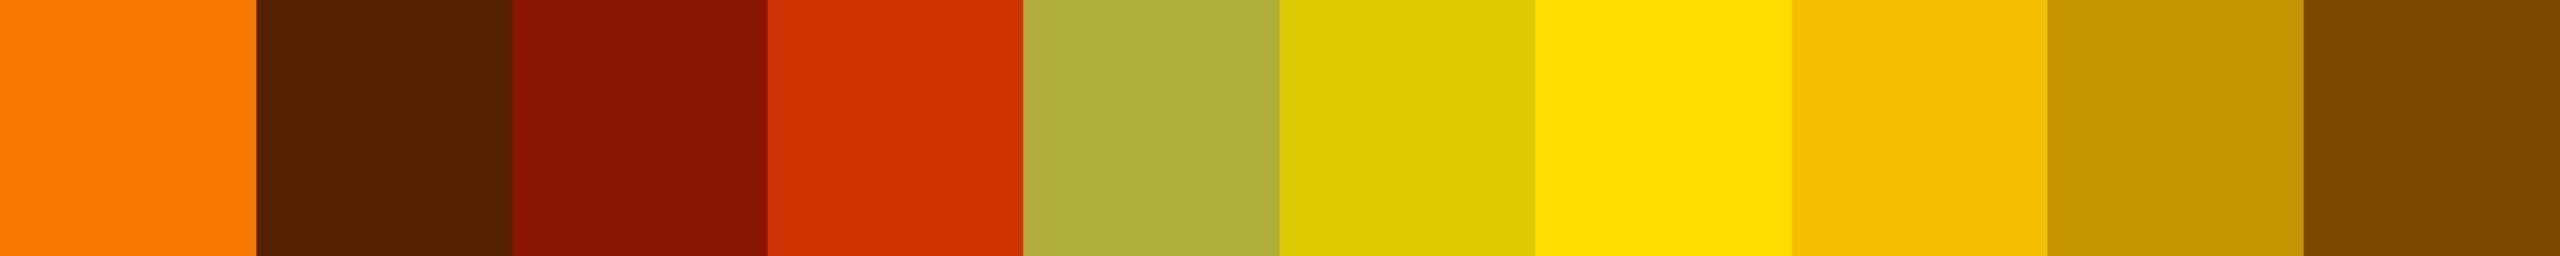 25 Yiolico Color Palette